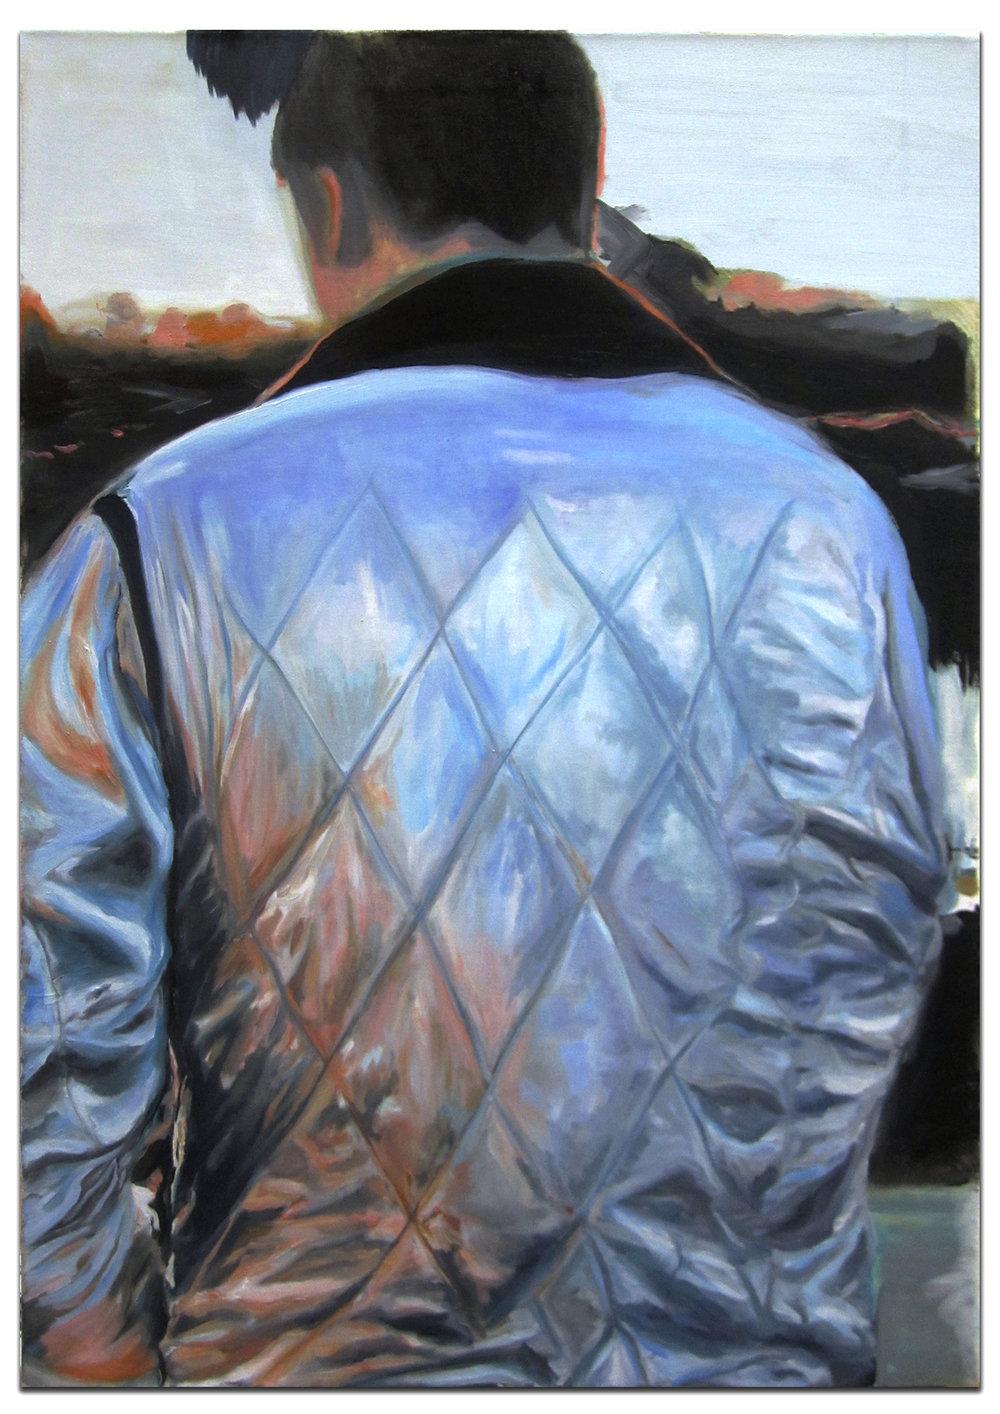 La Brea. 2013. 34 x 24 in. Oil on canvas.